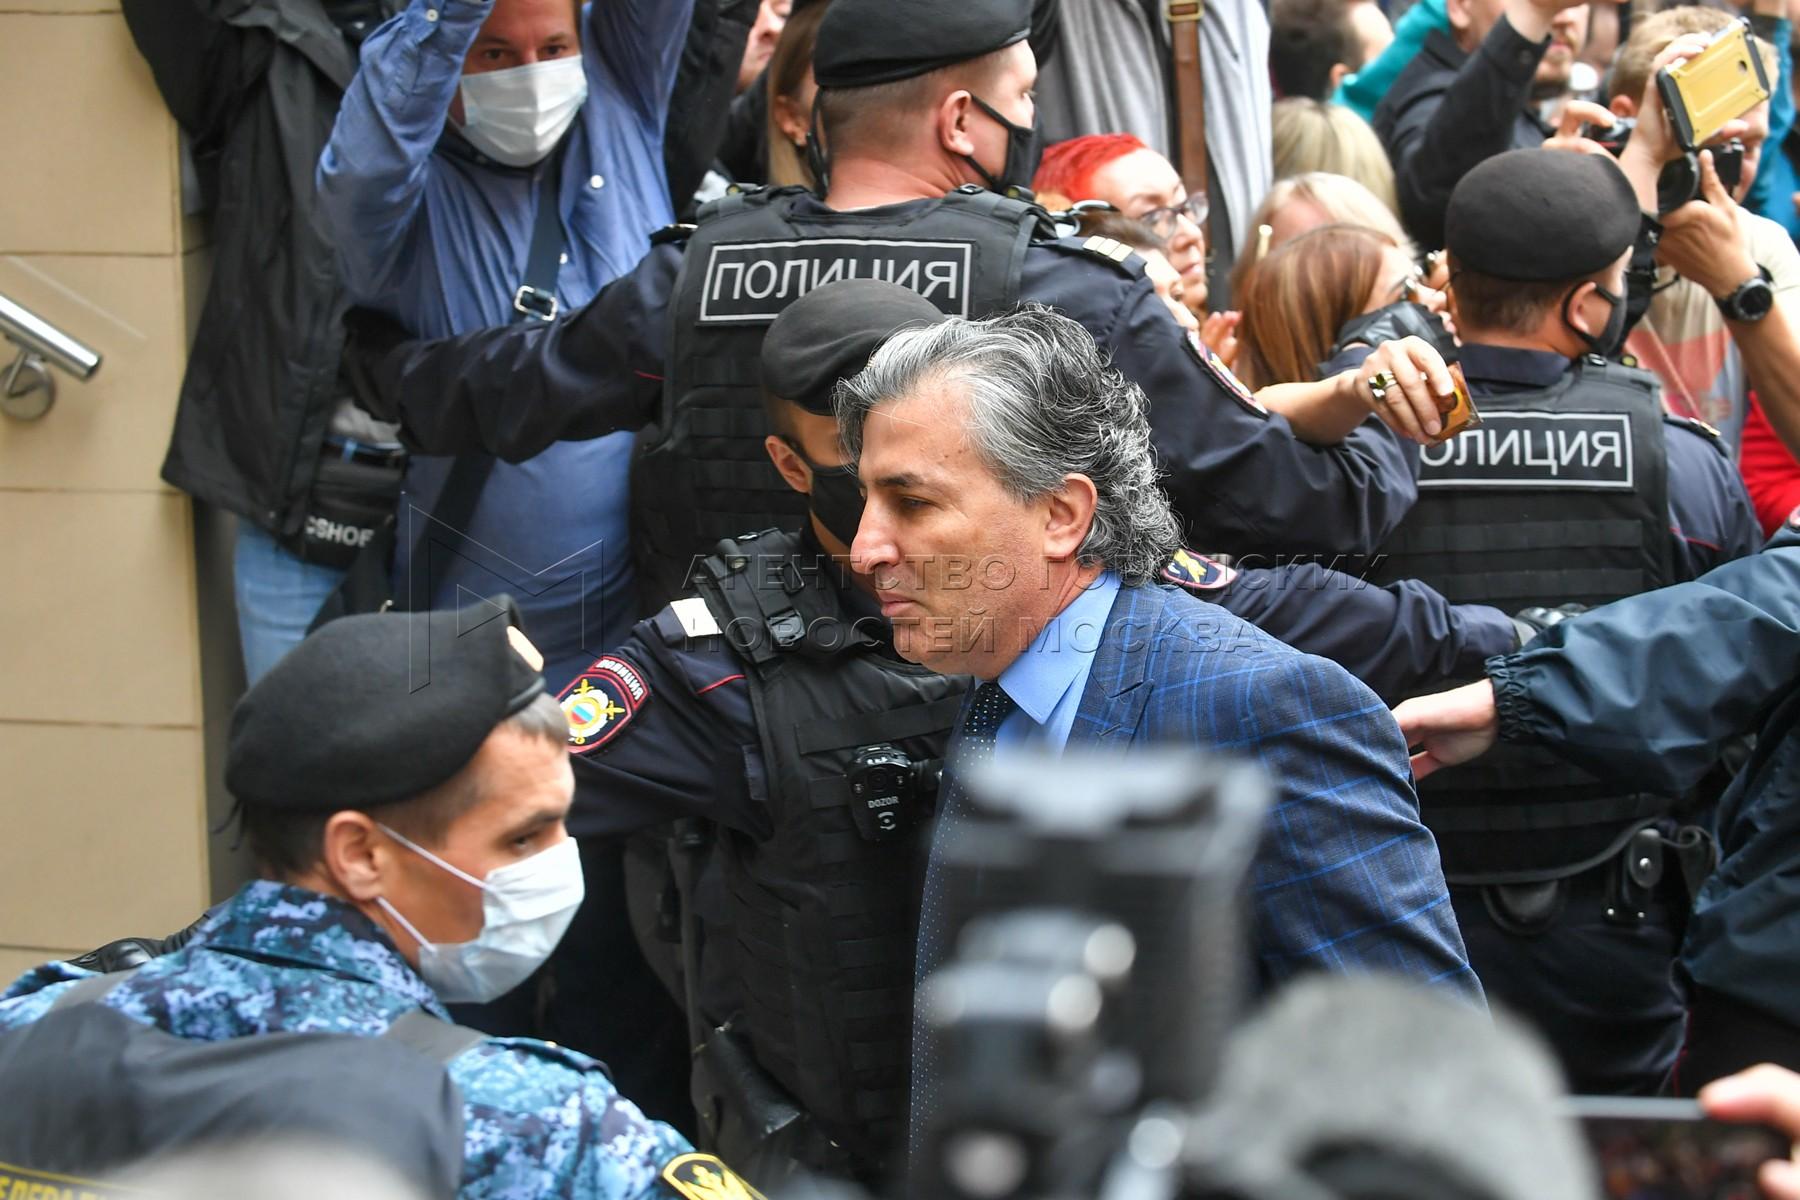 Адвокат Эльман Пашаев у здания Пресненского суда, где проходит оглашение приговора актеру Михаилу Ефремову по делу о смертельном ДТП на Смоленской площади.